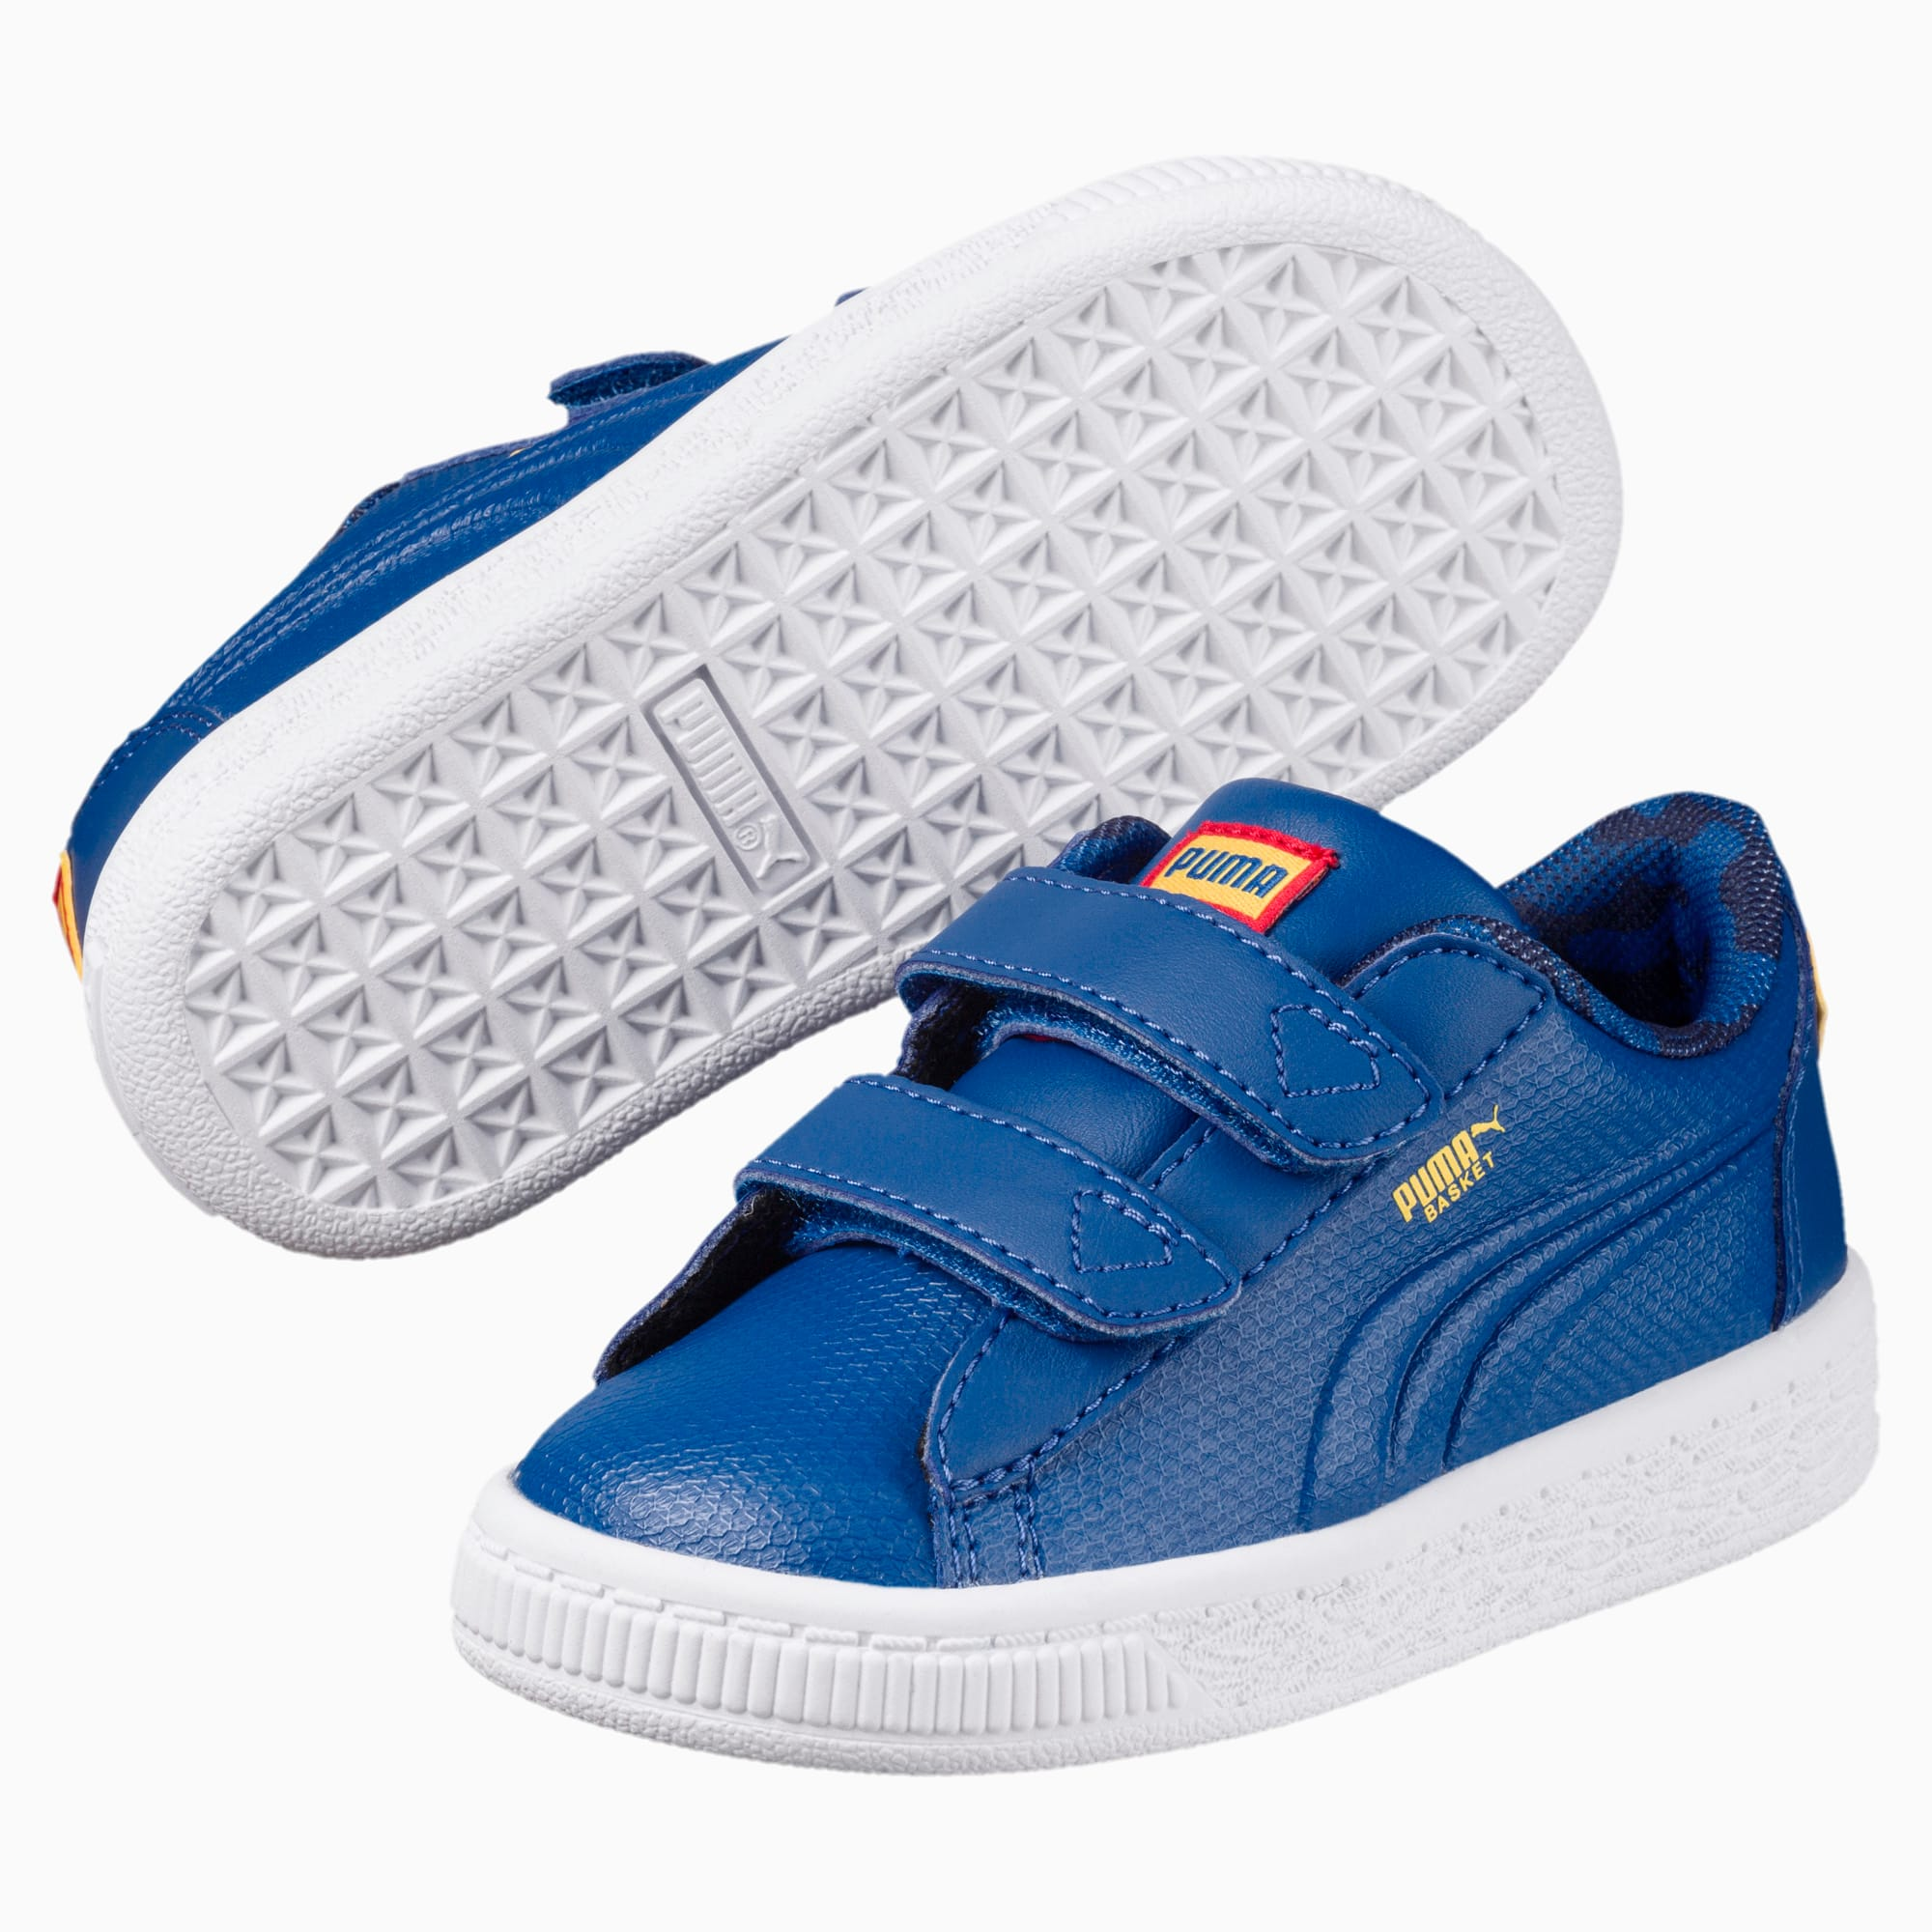 Chaussure Basket Superman™ pour bébé | PUMA Cyber Monday 50